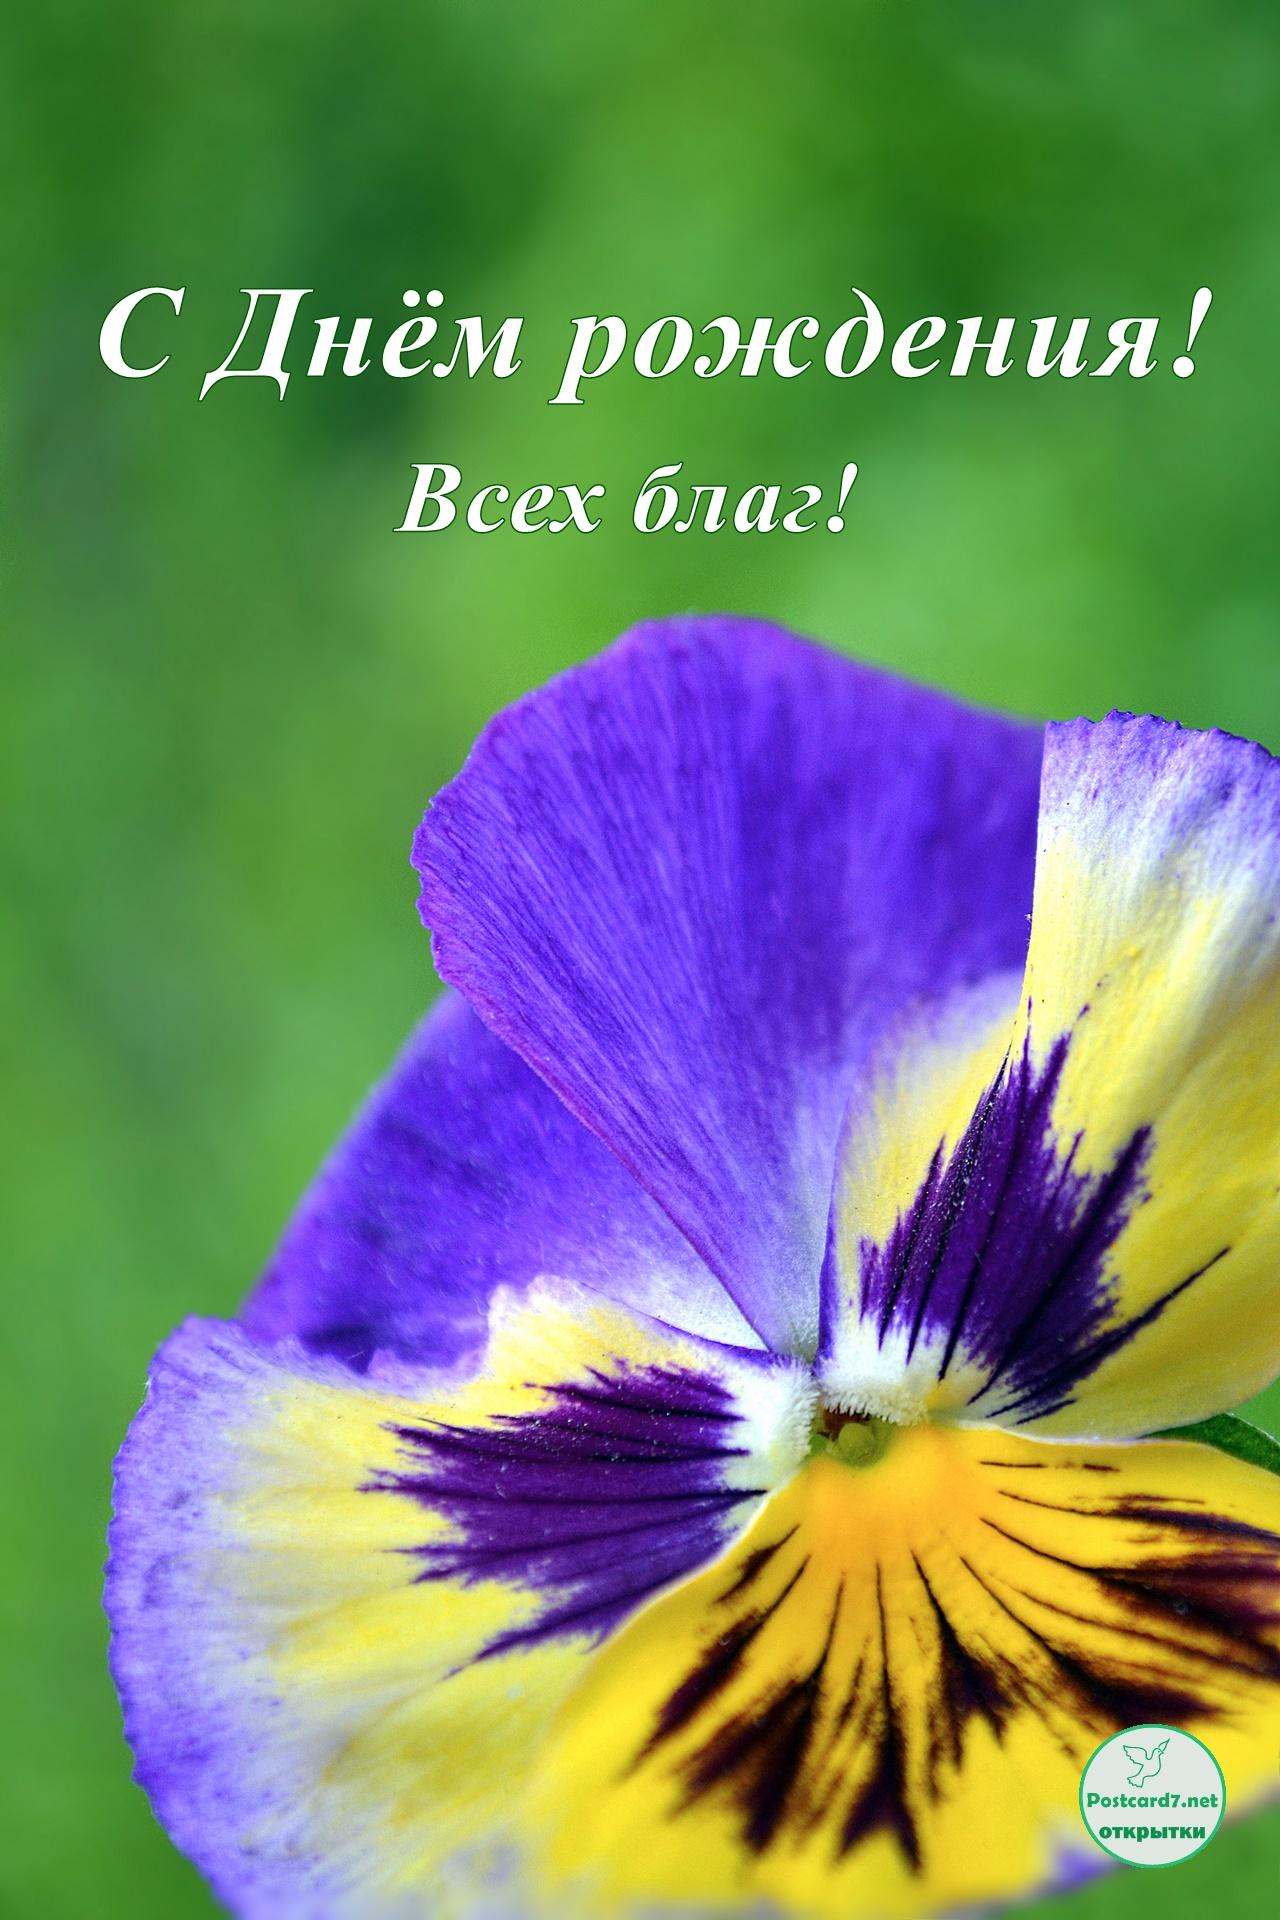 Сиренево-жёлтая виола, открытка с Днём рождения